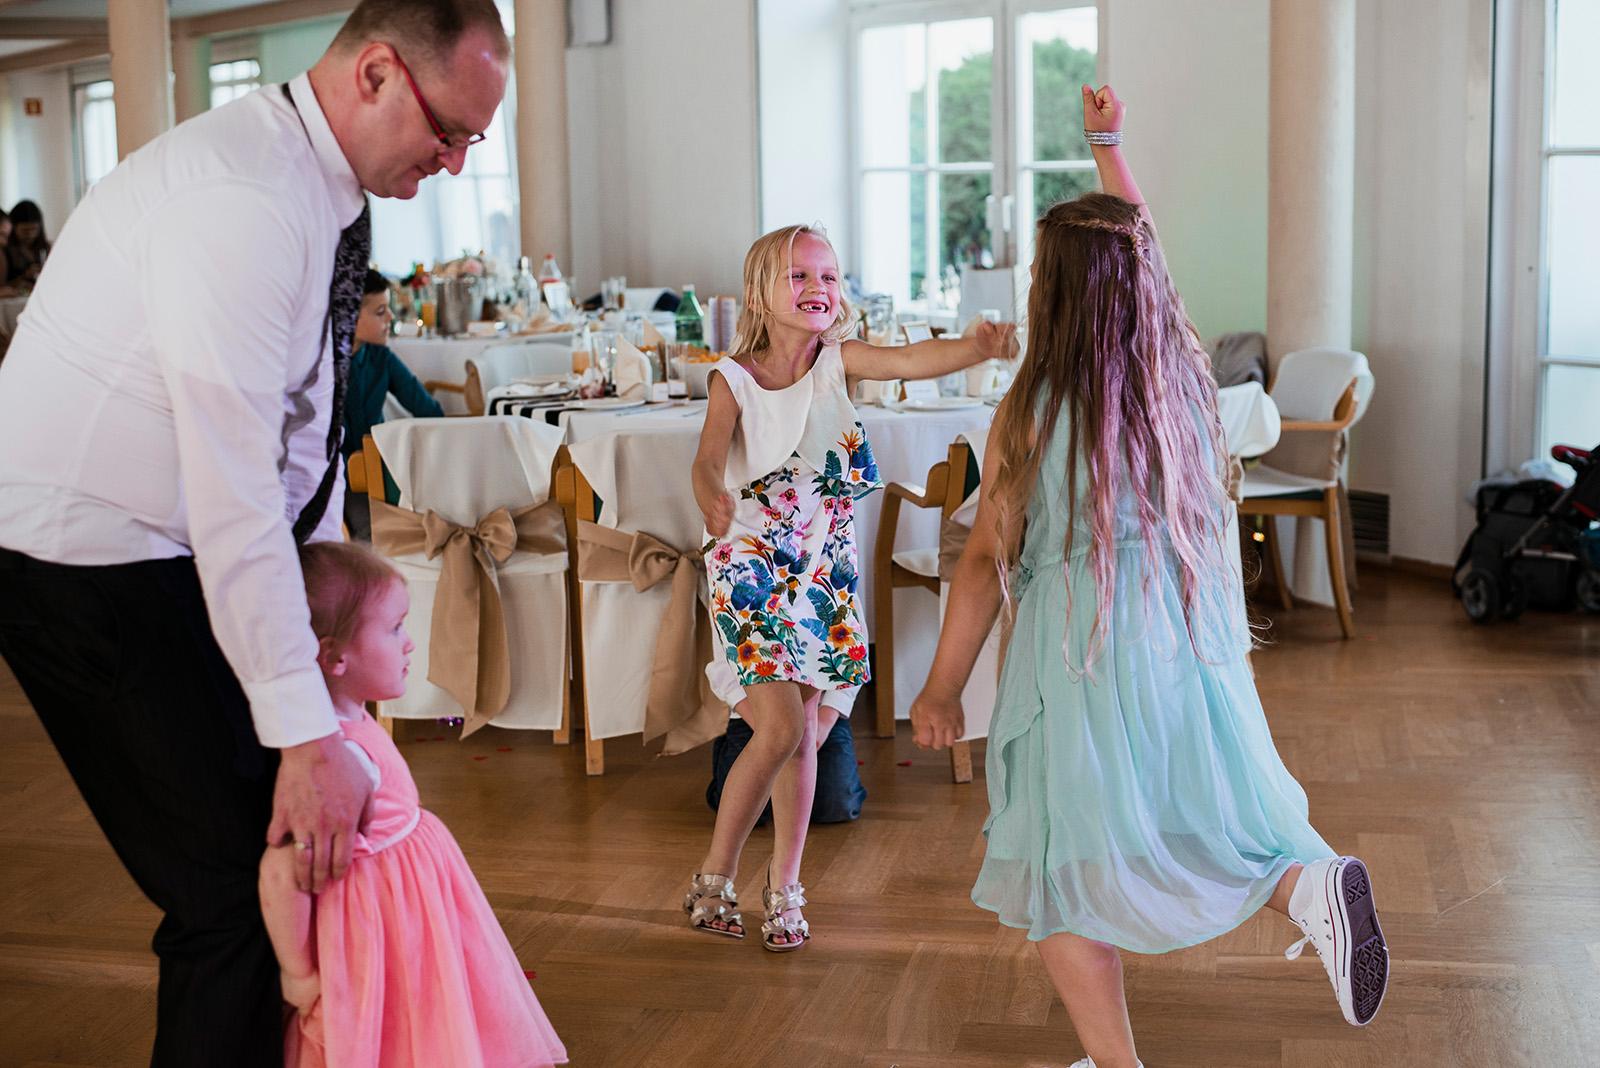 naturalny fotoreportaz slubny - taniec dzieci